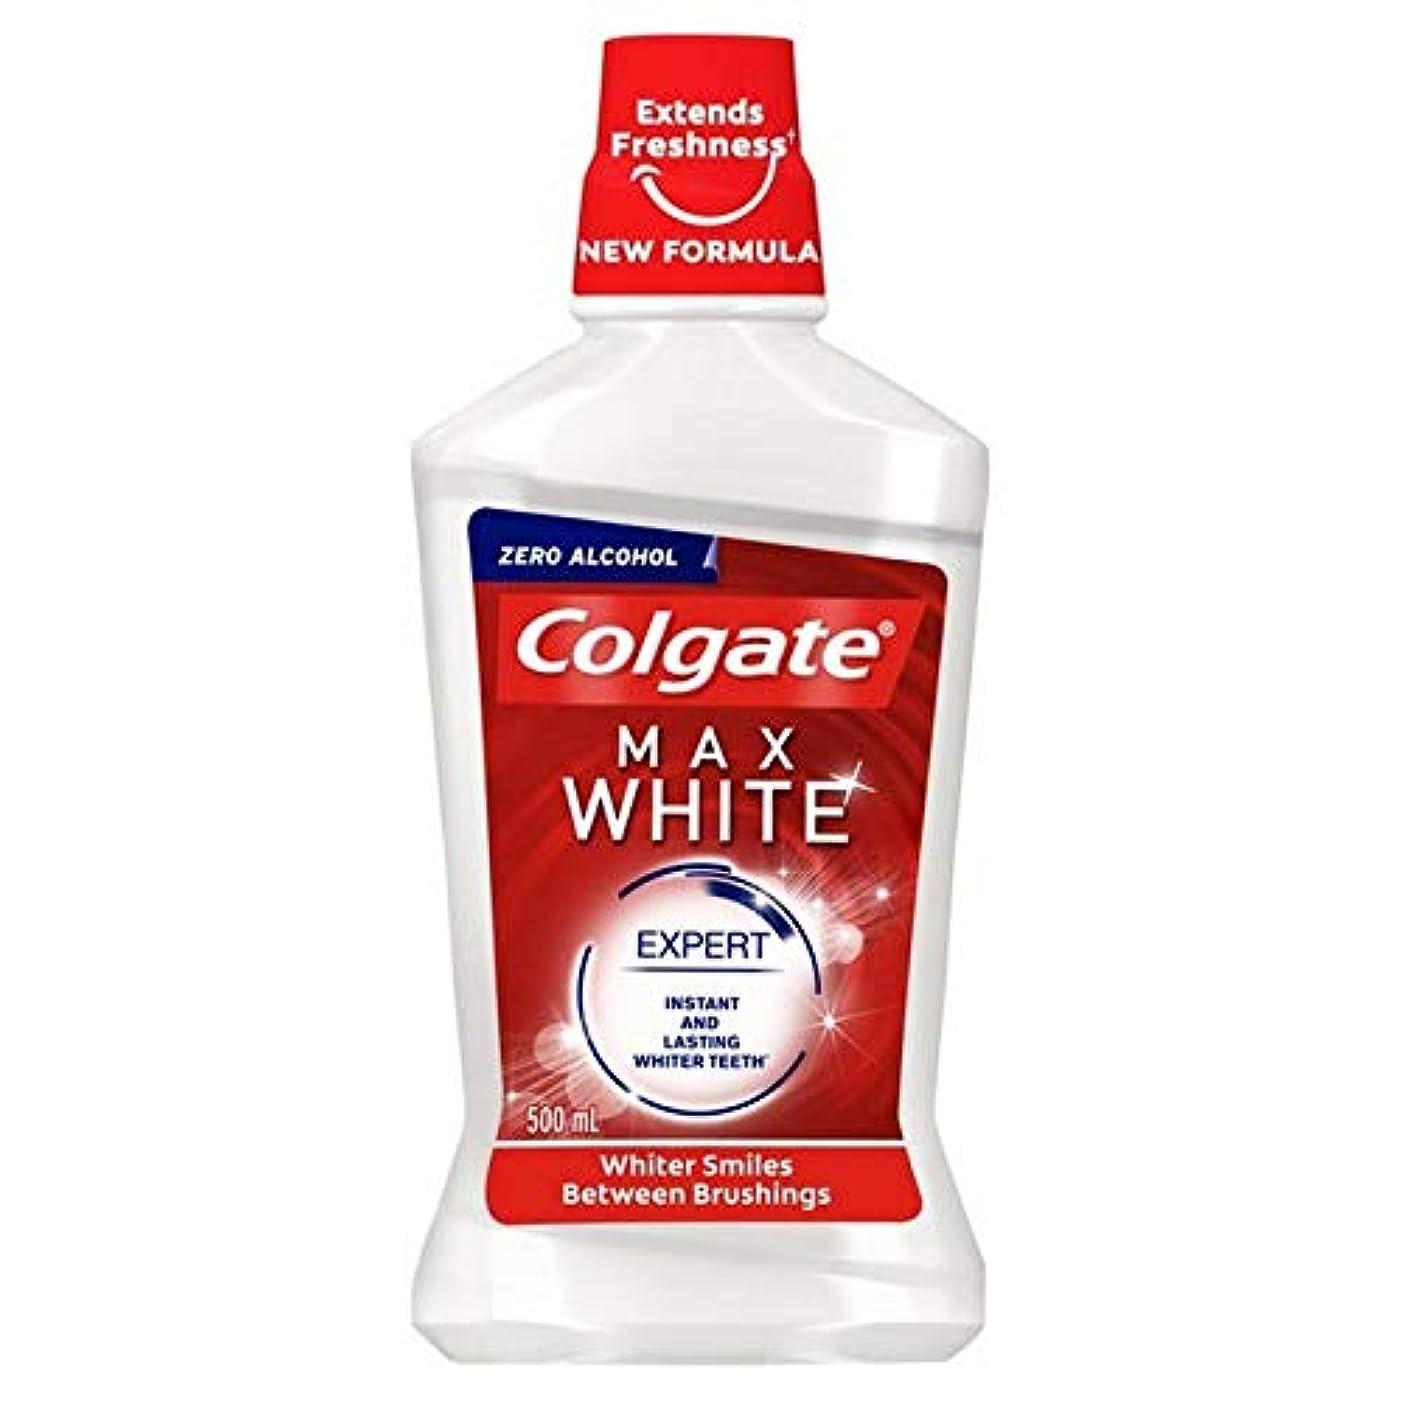 こねる熟達した意識[Colgate ] コルゲートマックスホワイトホワイトニングマウスウォッシュ500ミリリットル - Colgate Max White Whitening Mouthwash 500ml [並行輸入品]